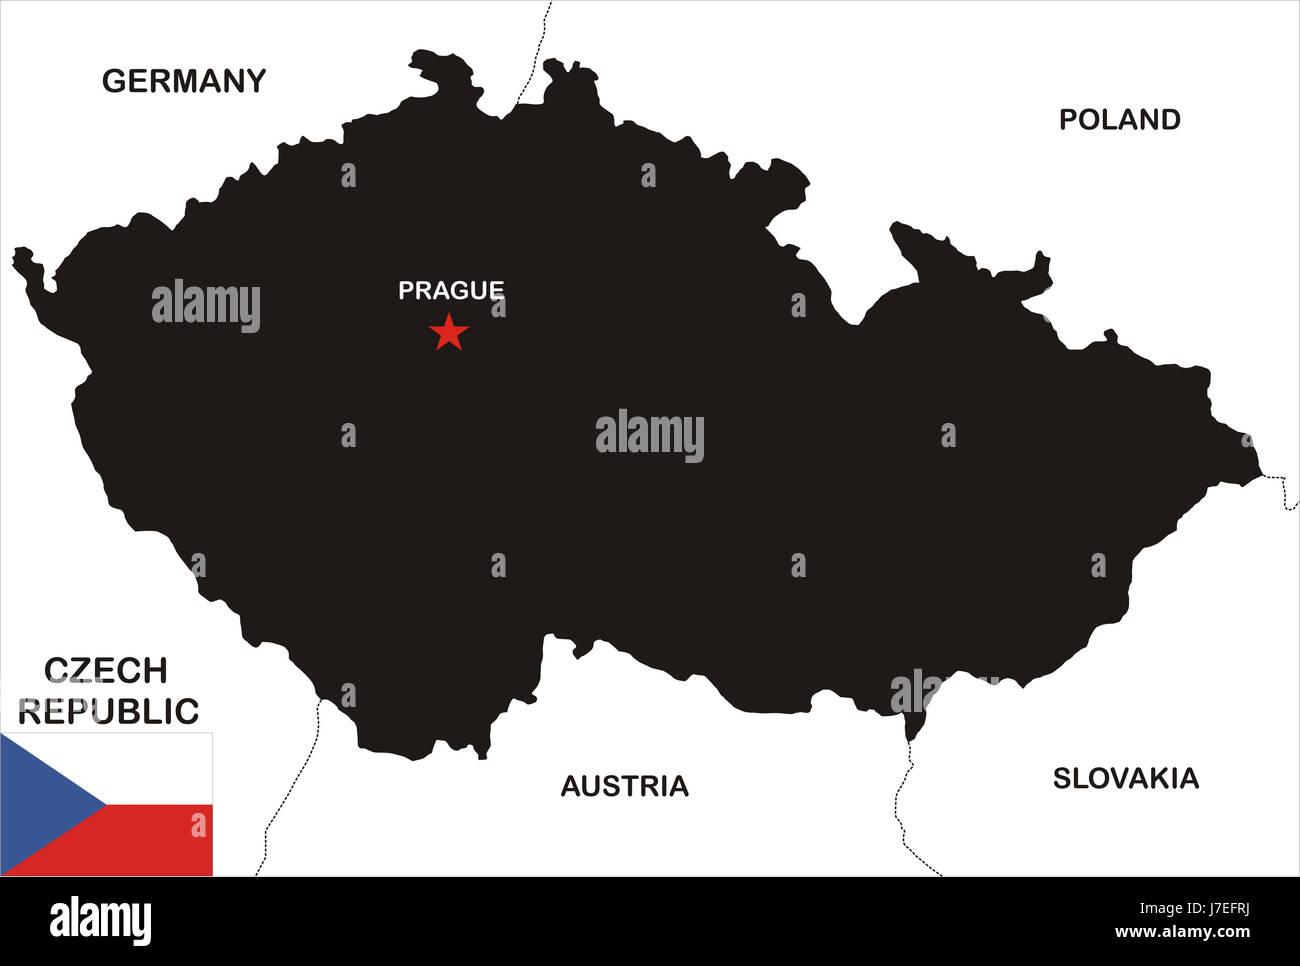 Prag Karte Tschechien.Republik Tschechien Atlas Karte Der Welt Politische Prag Abbildung